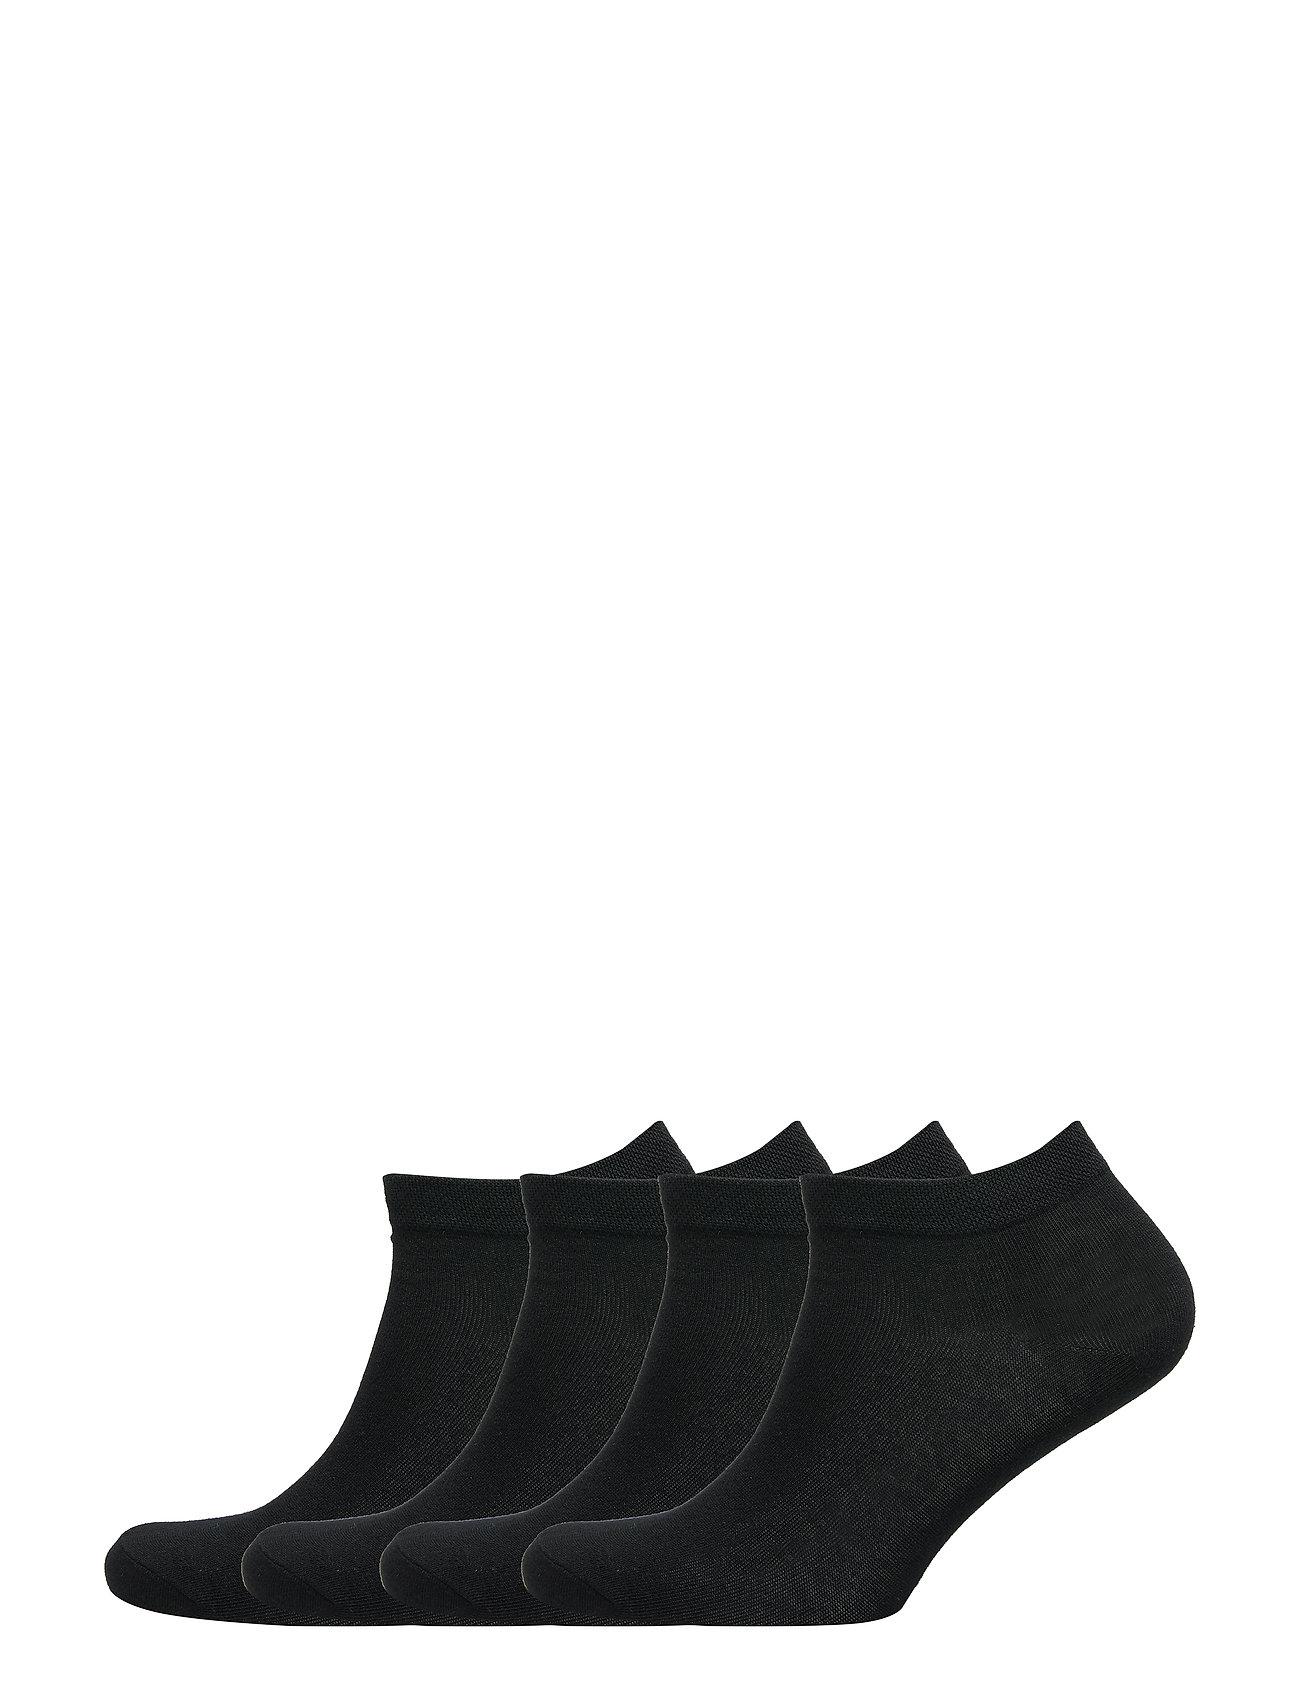 Image of Footies 4 P Basic Pique Lingerie Socks Footies/Ankle Socks Sort Lindex (3461329455)